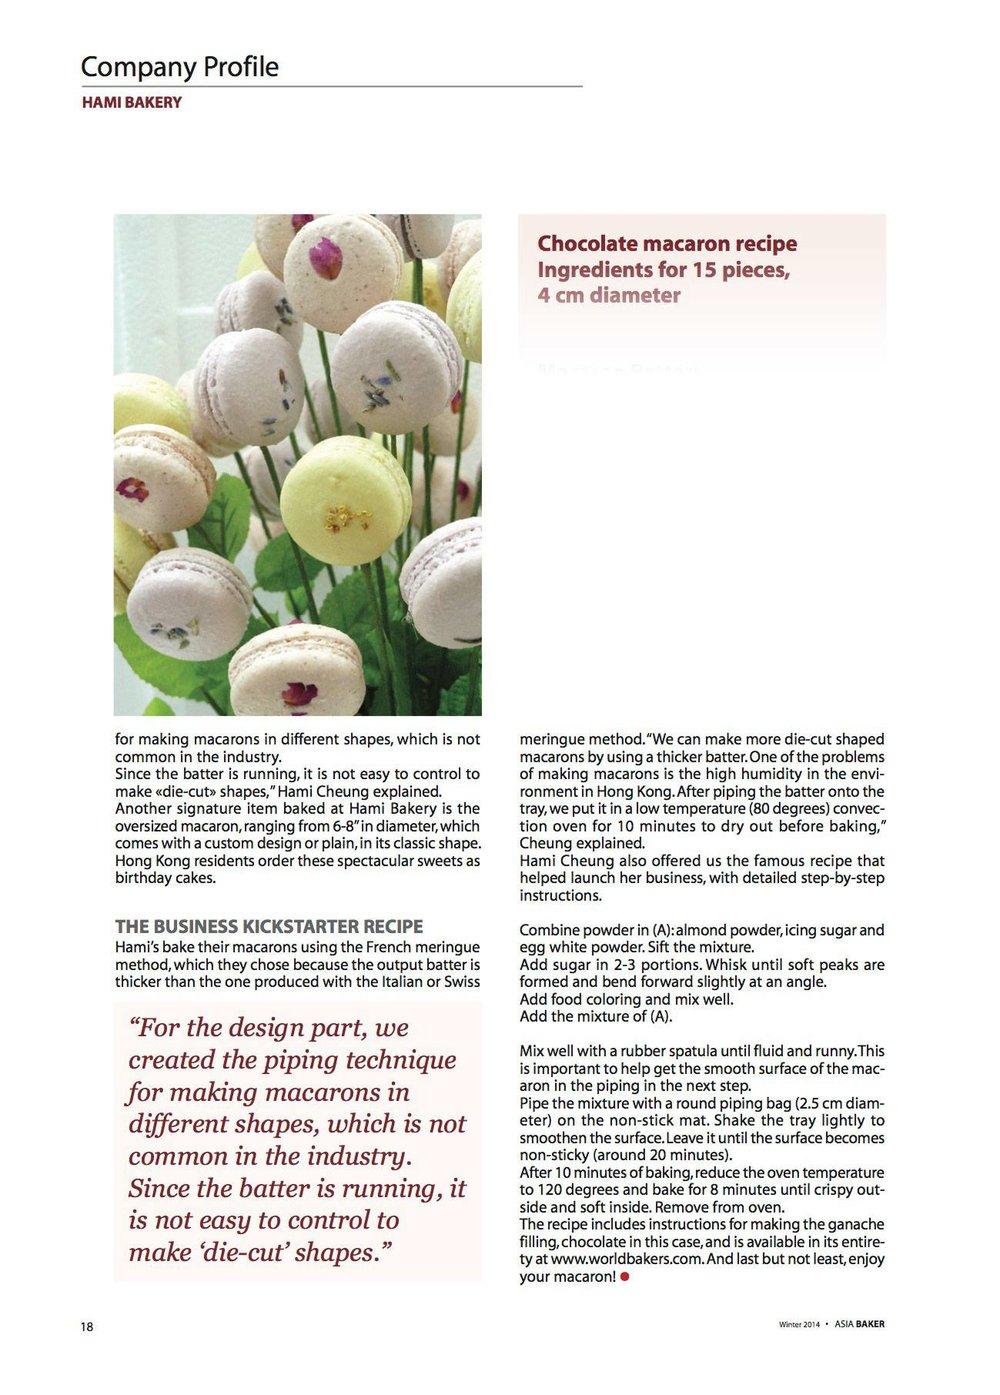 國際烘焙雜誌Asia Pacific Baker報導3.jpg